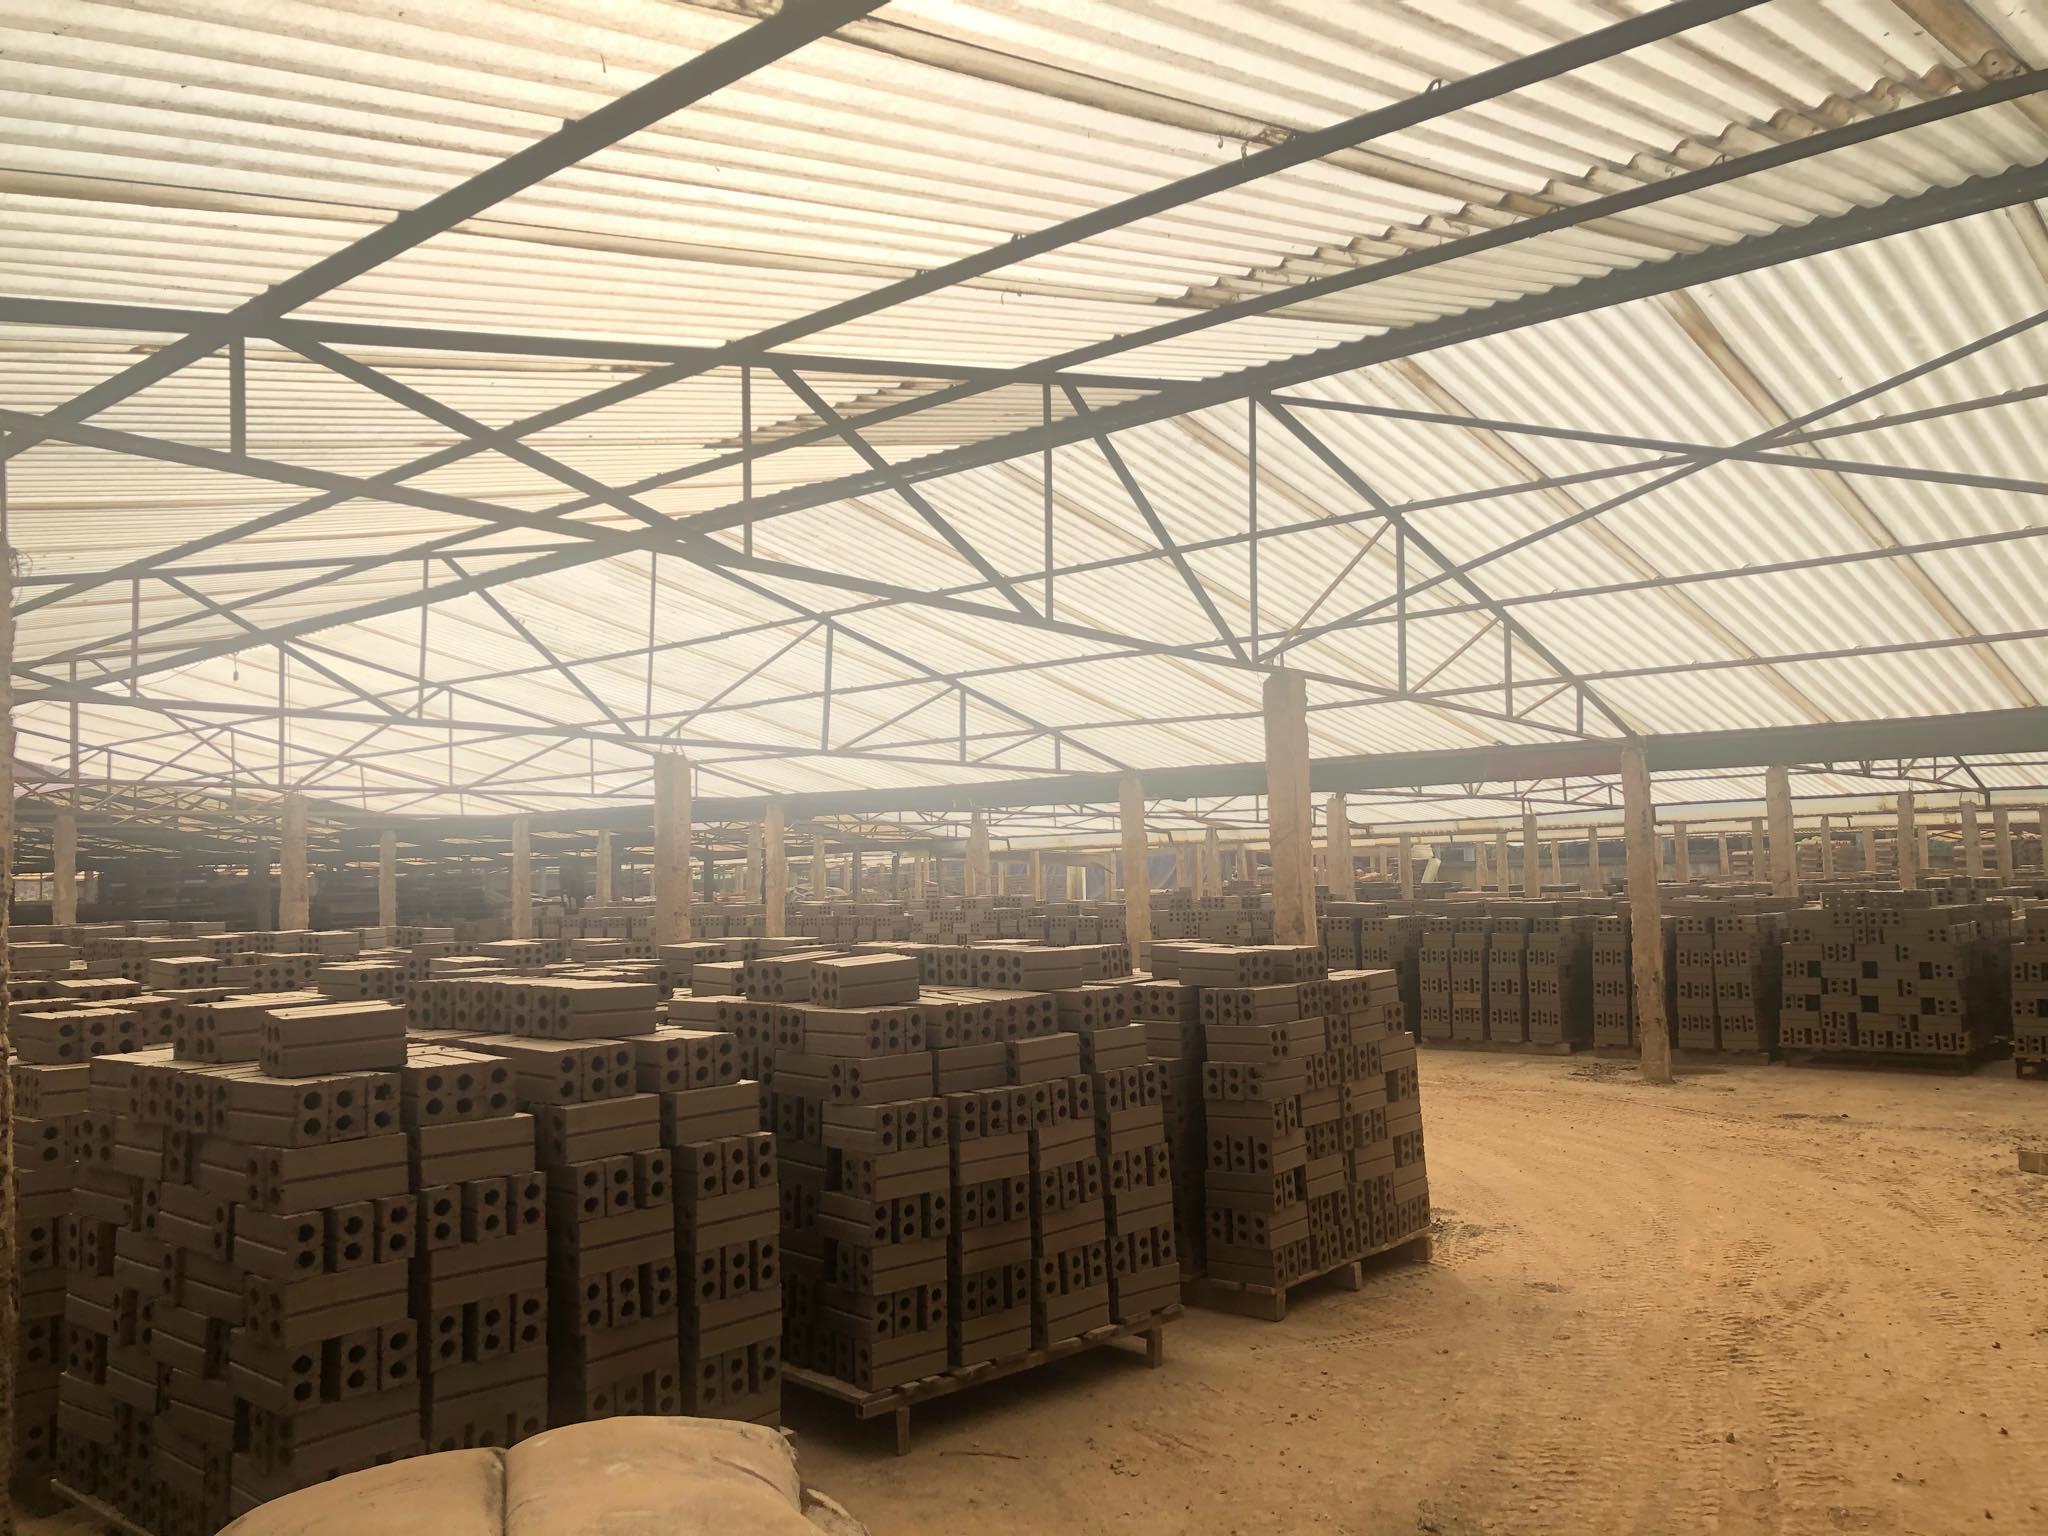 7 Bán nhà máy gạch tại xã Kinh Kệ,Lâm Thao,Phú Thọ 5,6 ha,dây chuyền,nhân công có sẵn